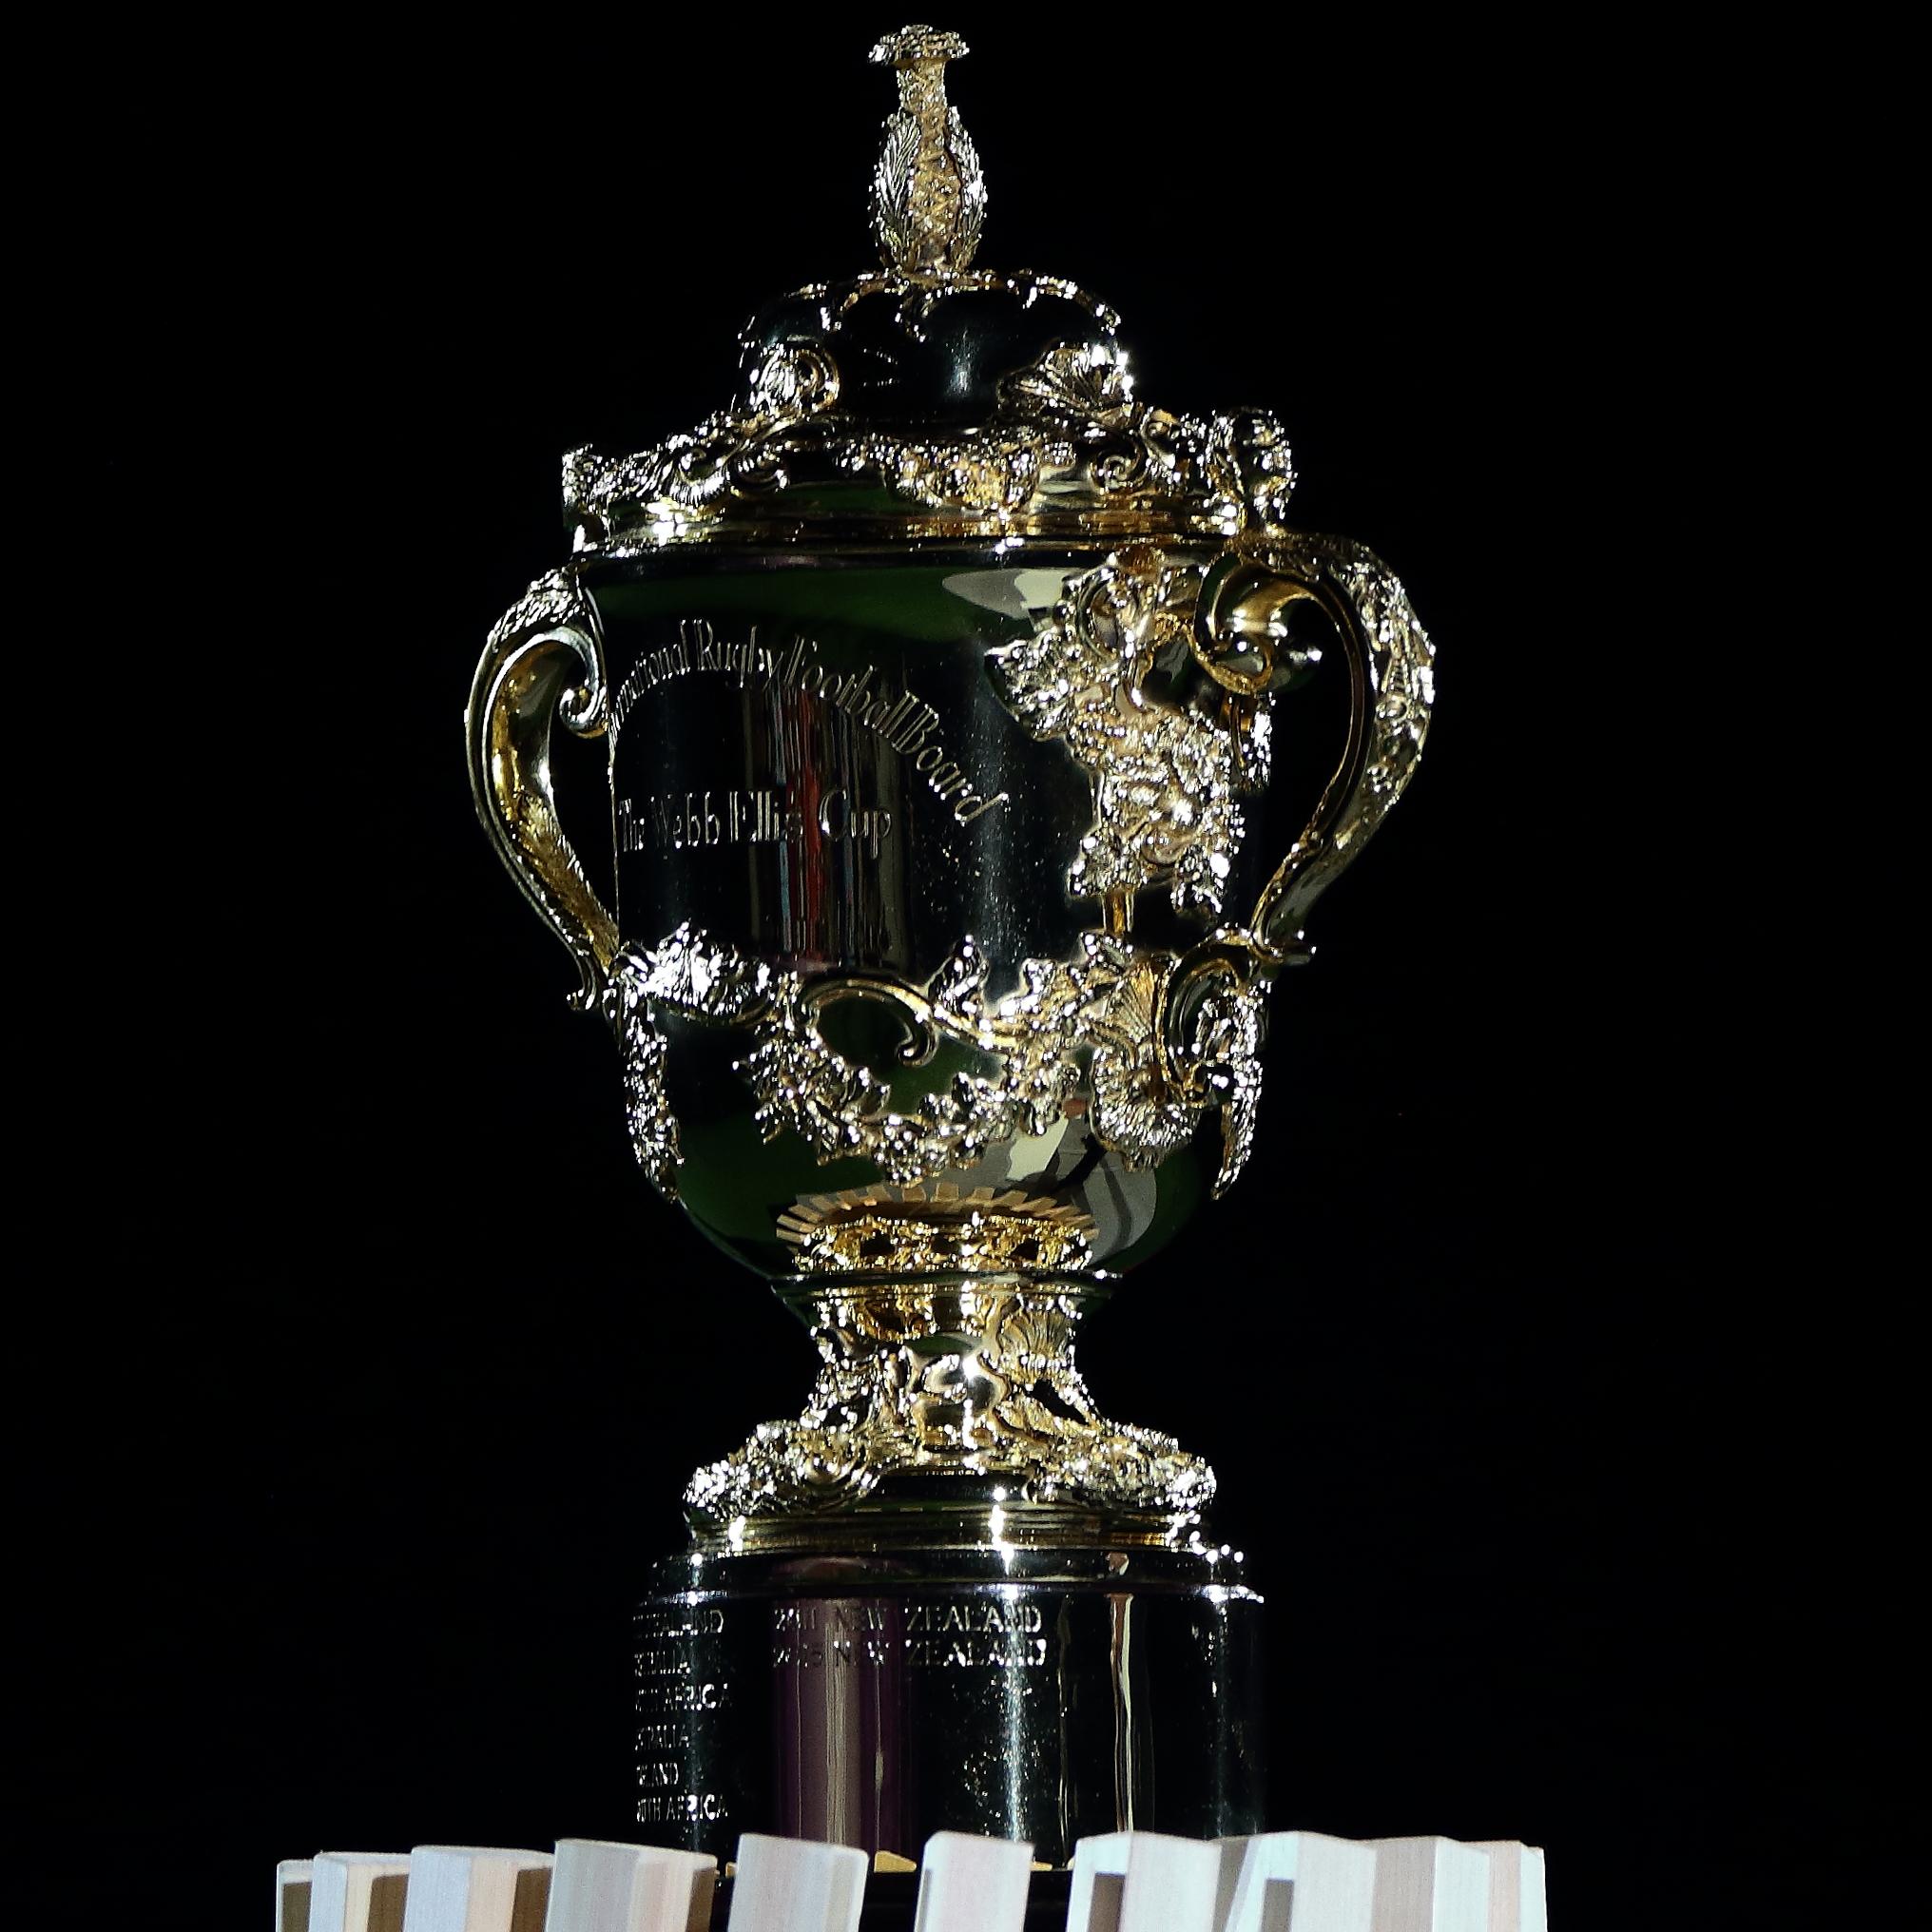 Кубок мира-2019 по регби, Эдди Джонс, сборная Новой Зеландии, сборная Англии, сборная России, Оуэн Фаррелл